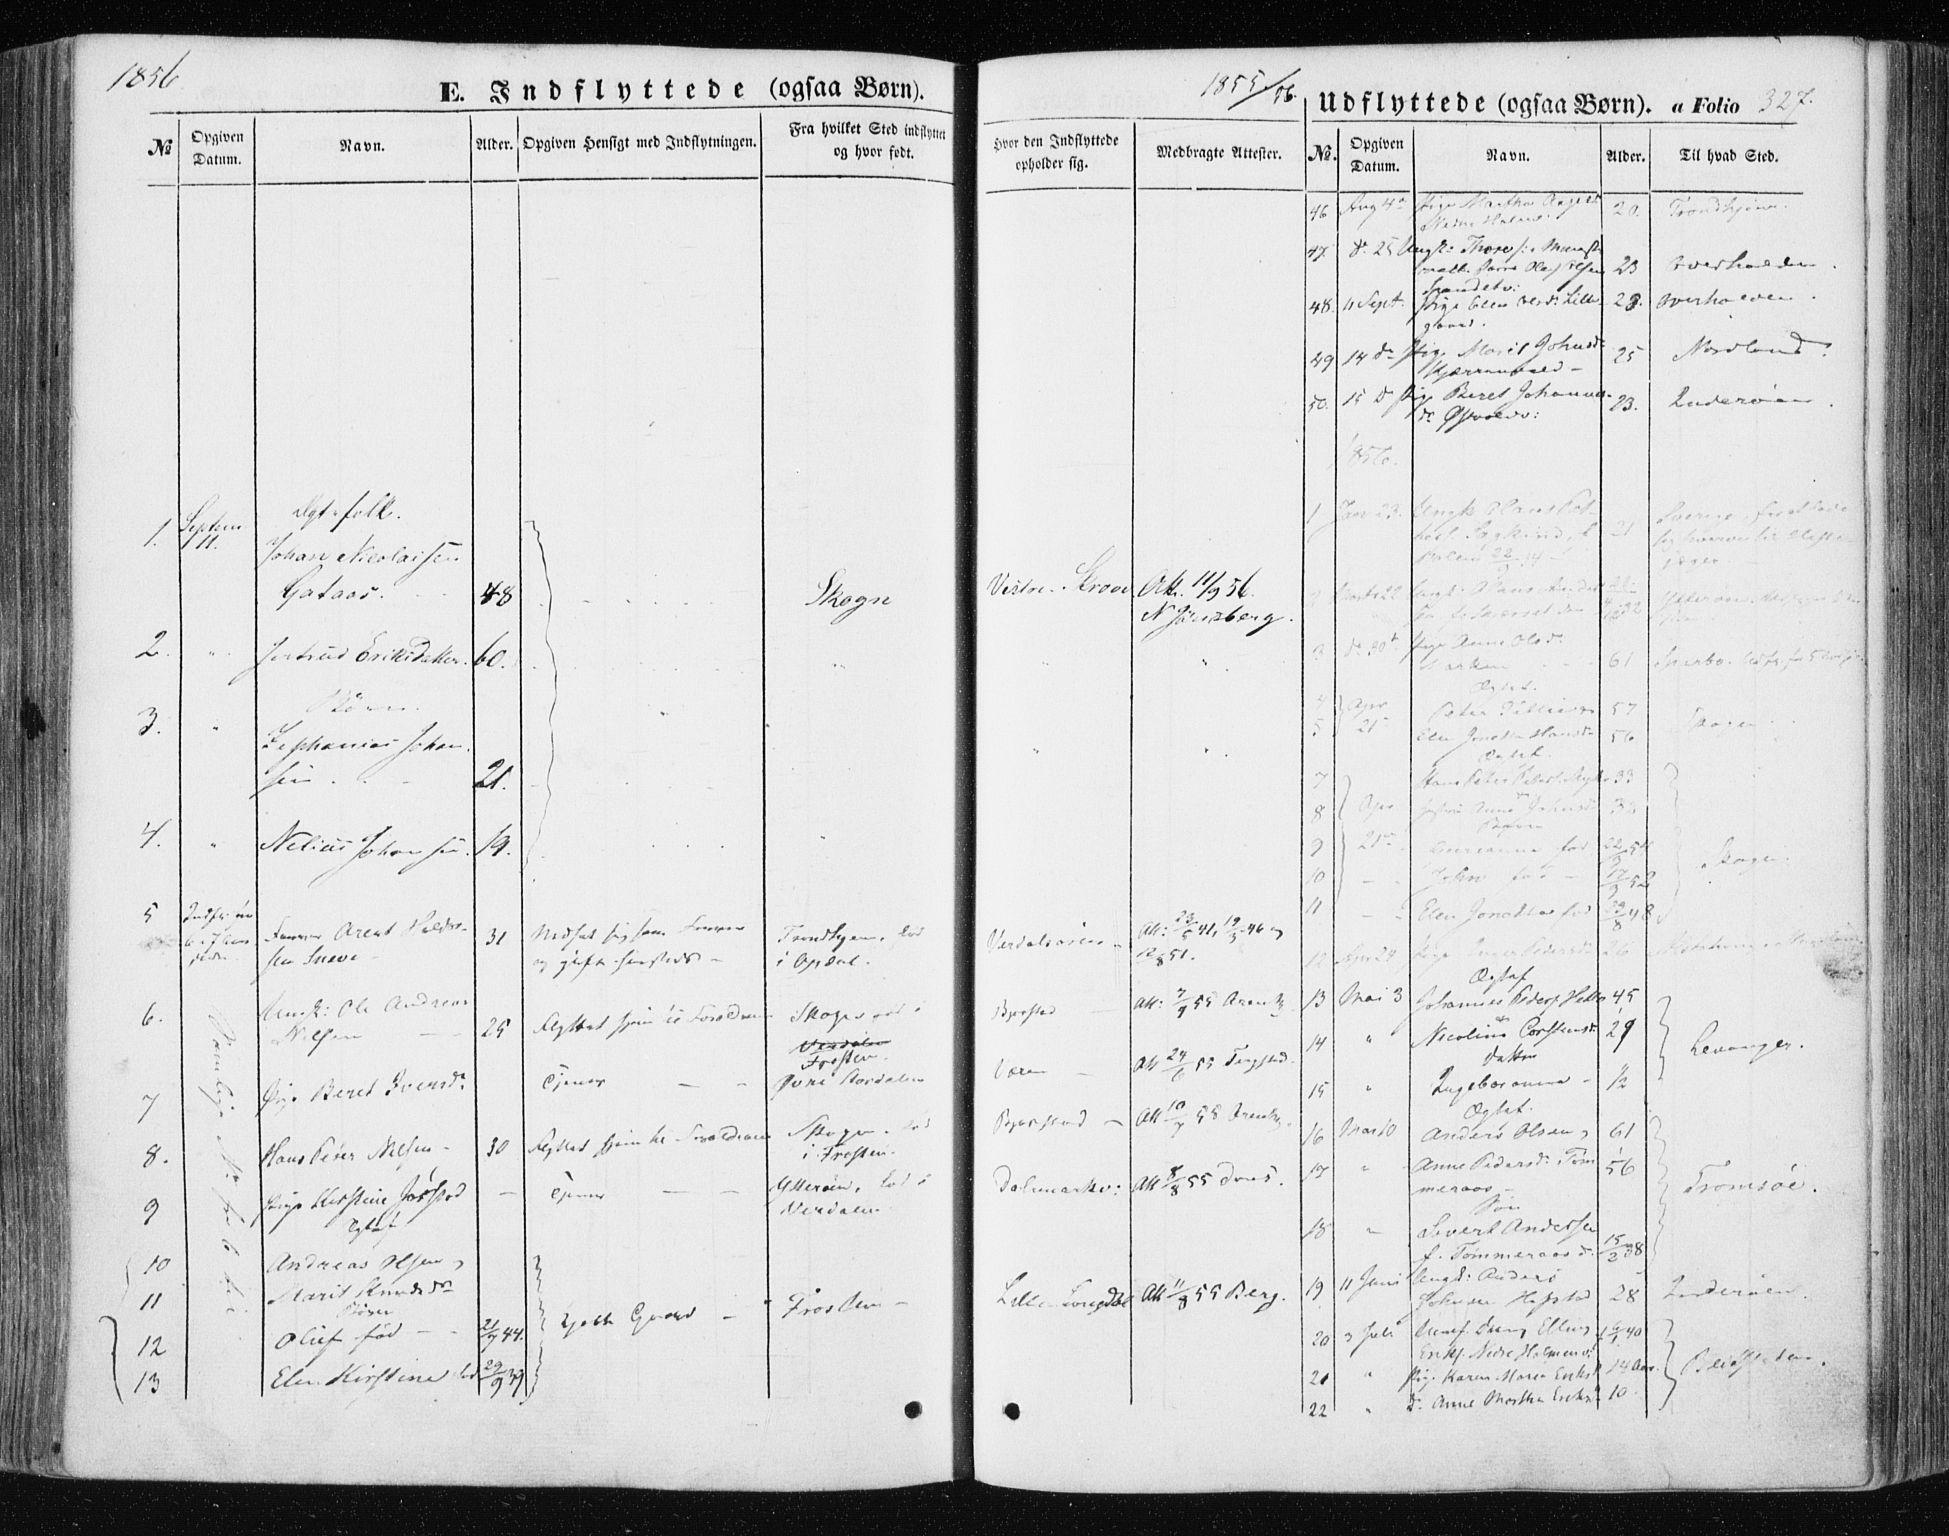 SAT, Ministerialprotokoller, klokkerbøker og fødselsregistre - Nord-Trøndelag, 723/L0240: Ministerialbok nr. 723A09, 1852-1860, s. 327